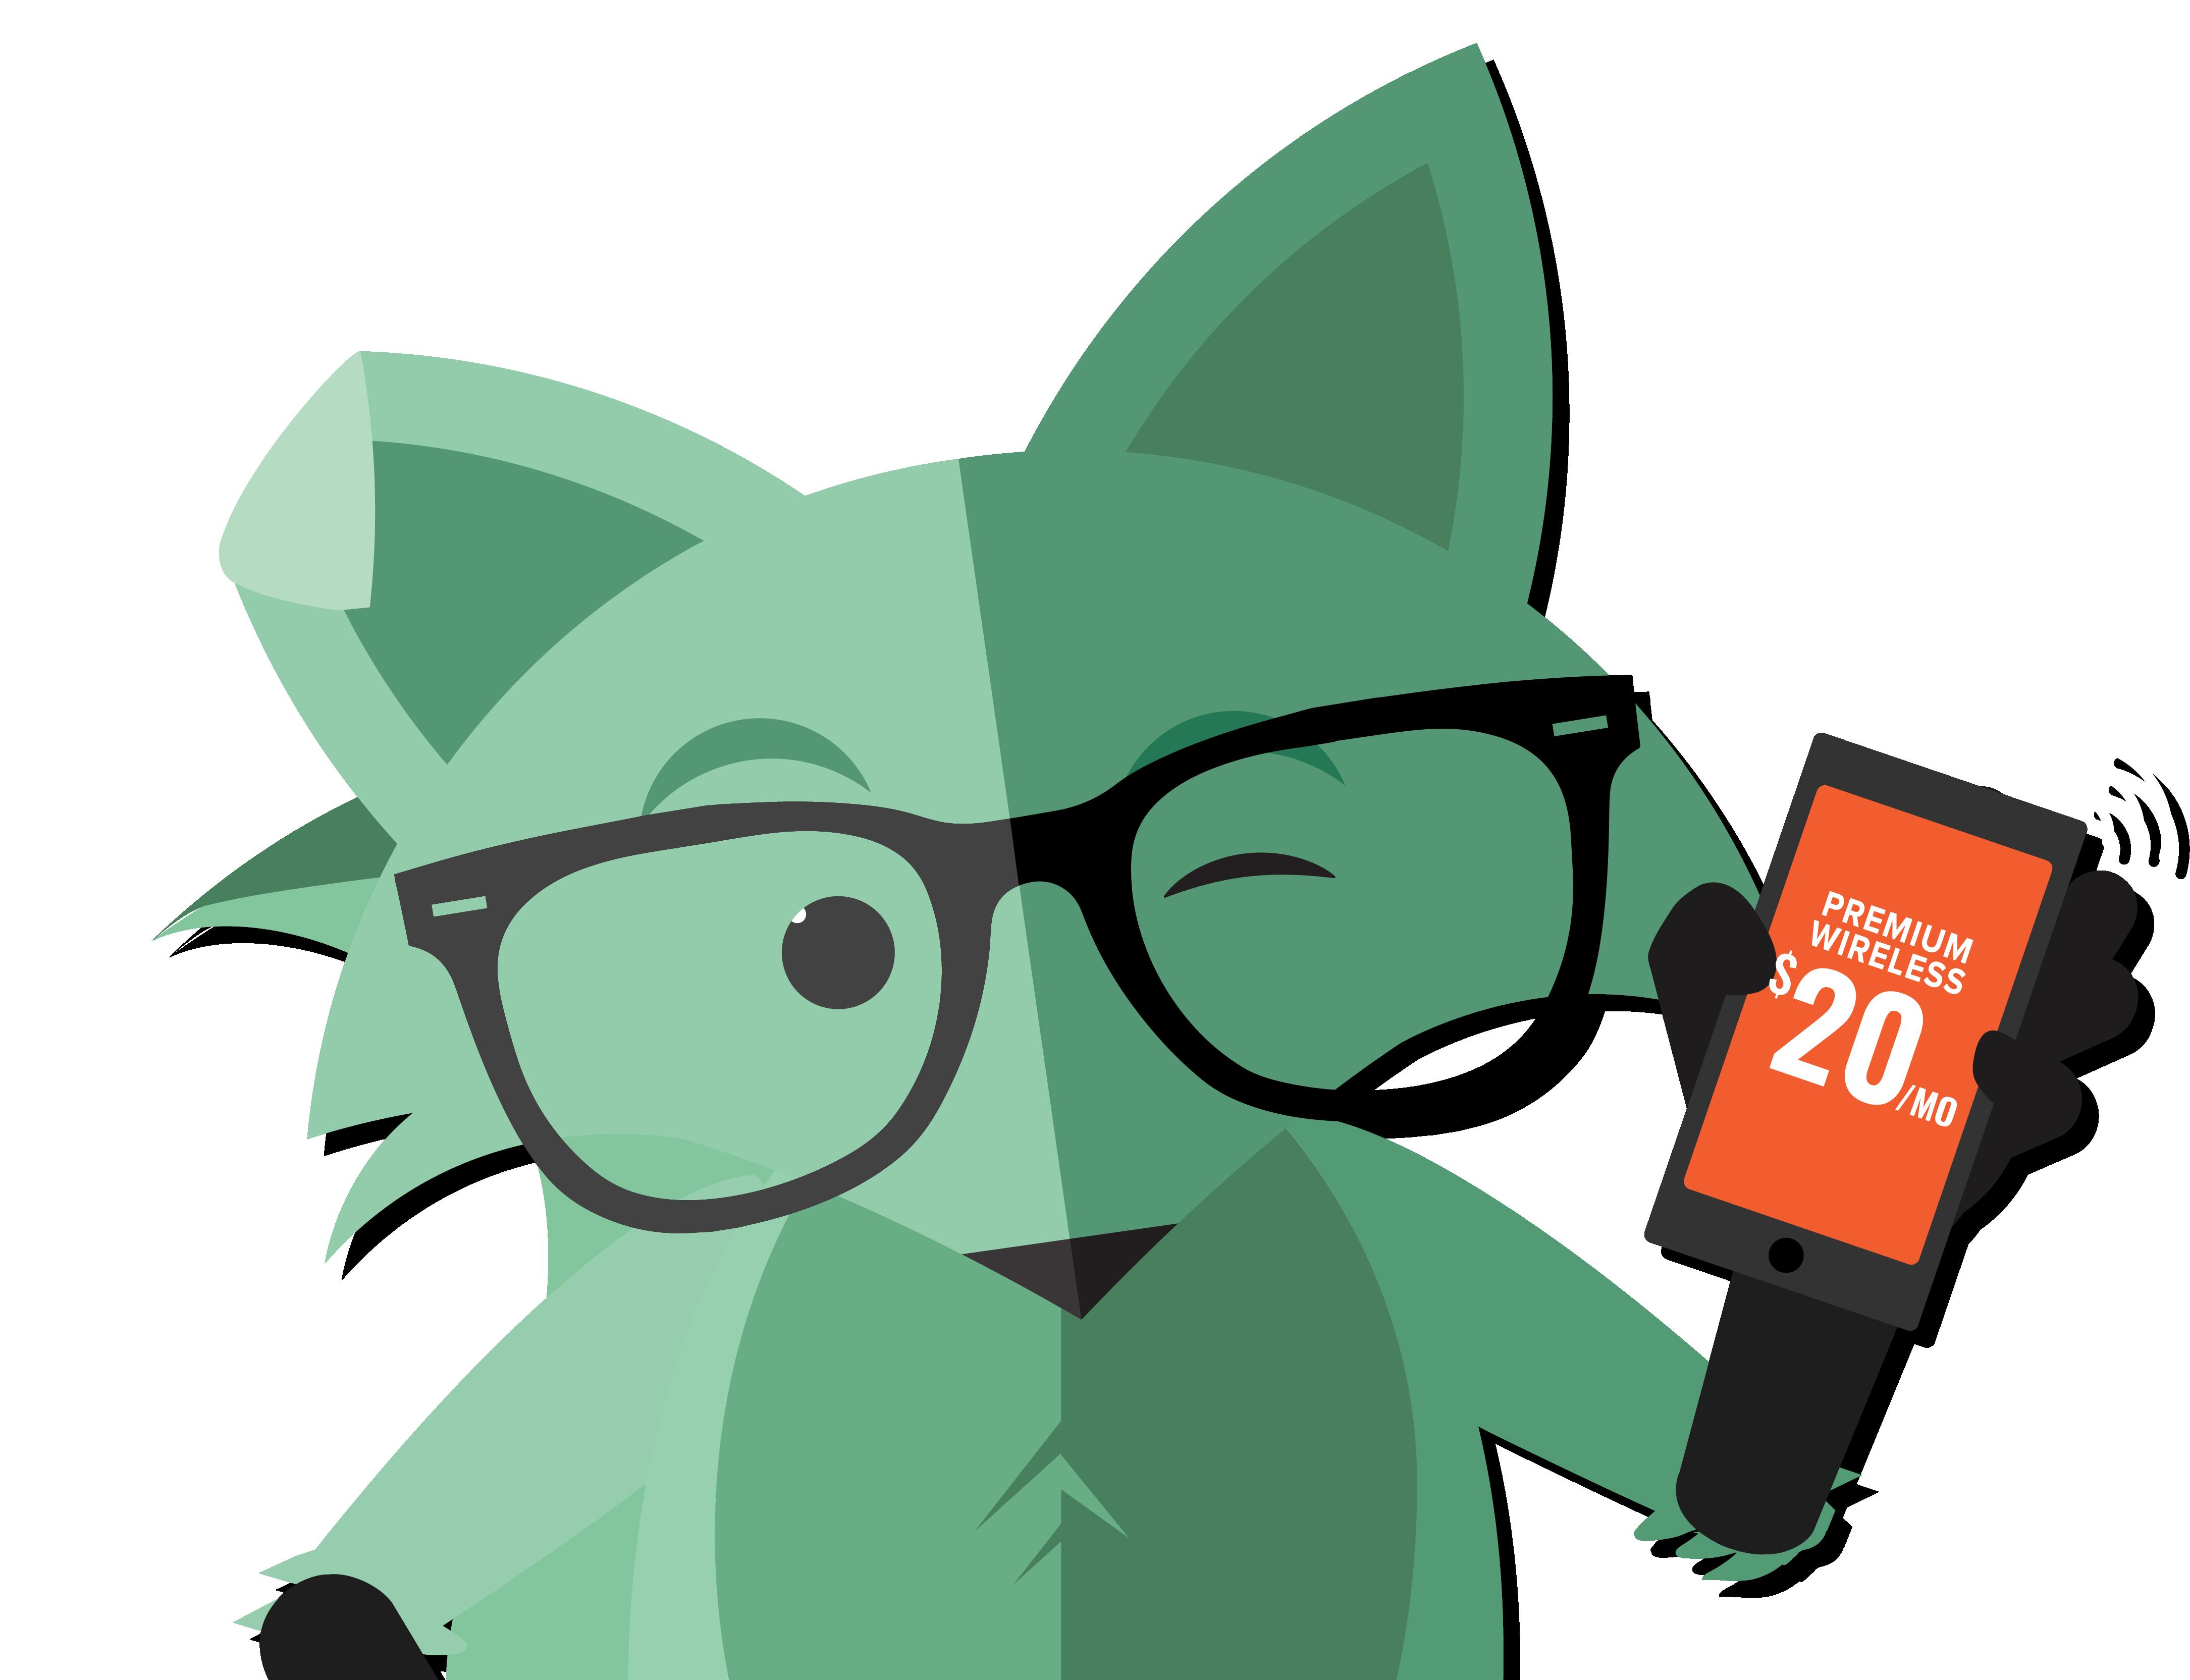 Mint Mobile Sale | Unlimited Talk, Text & Data Plans | SIM Card Plans